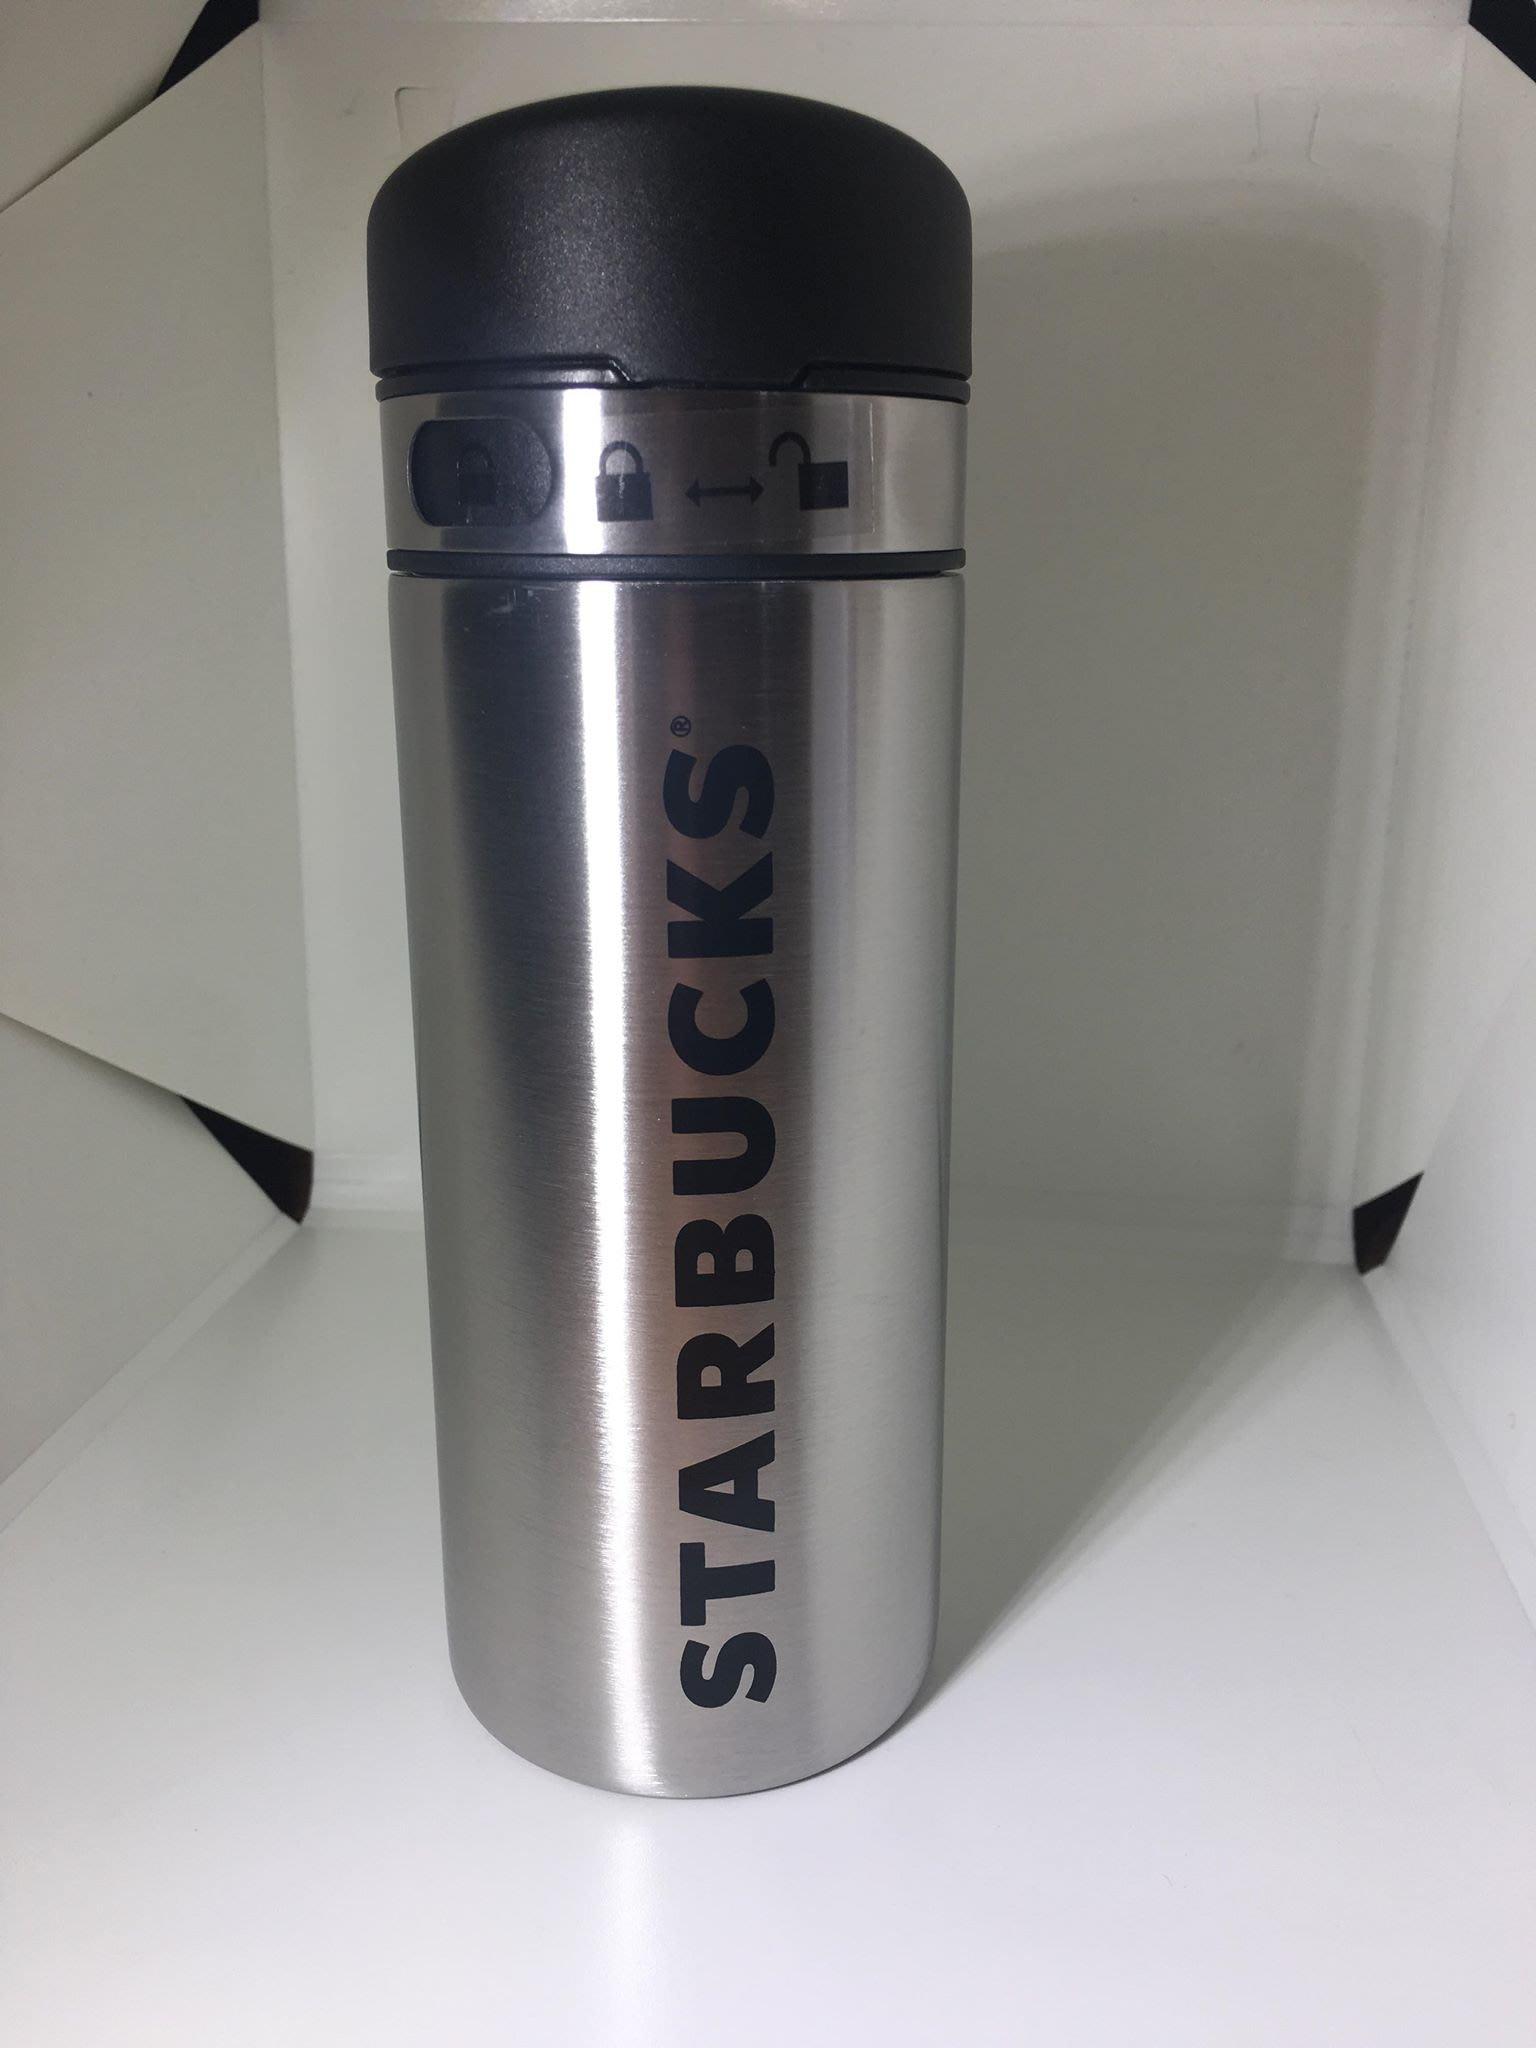 °限量♠出售σ 全新 限量 【 星巴克THERMAL品牌不鏽鋼瓶 】 STARBUCKS不鏽鋼瓶 快速出貨 台北面交